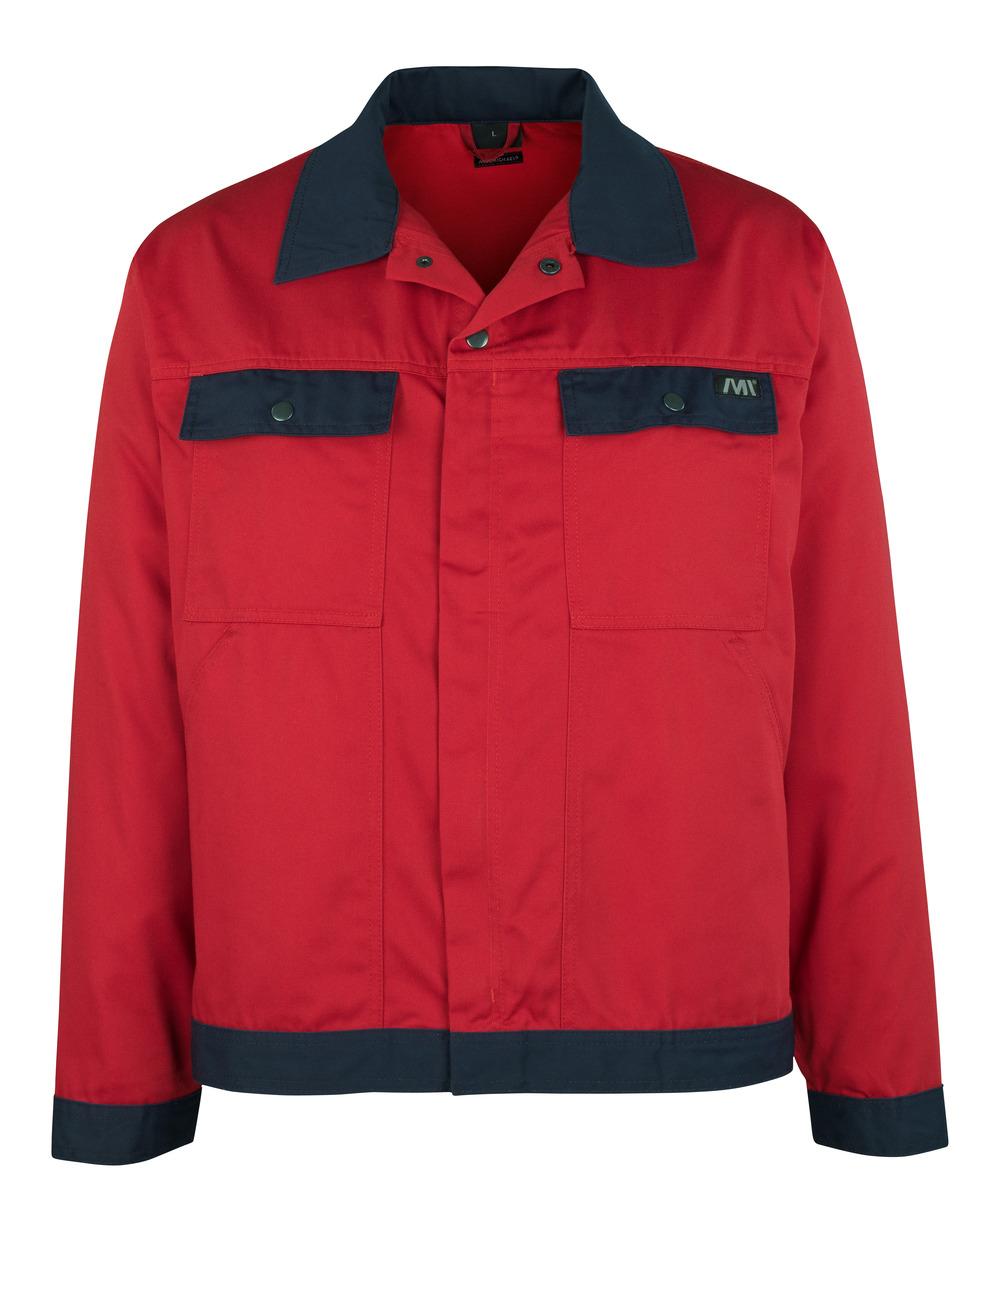 04509-800-21 Takki - punainen/tummansininen